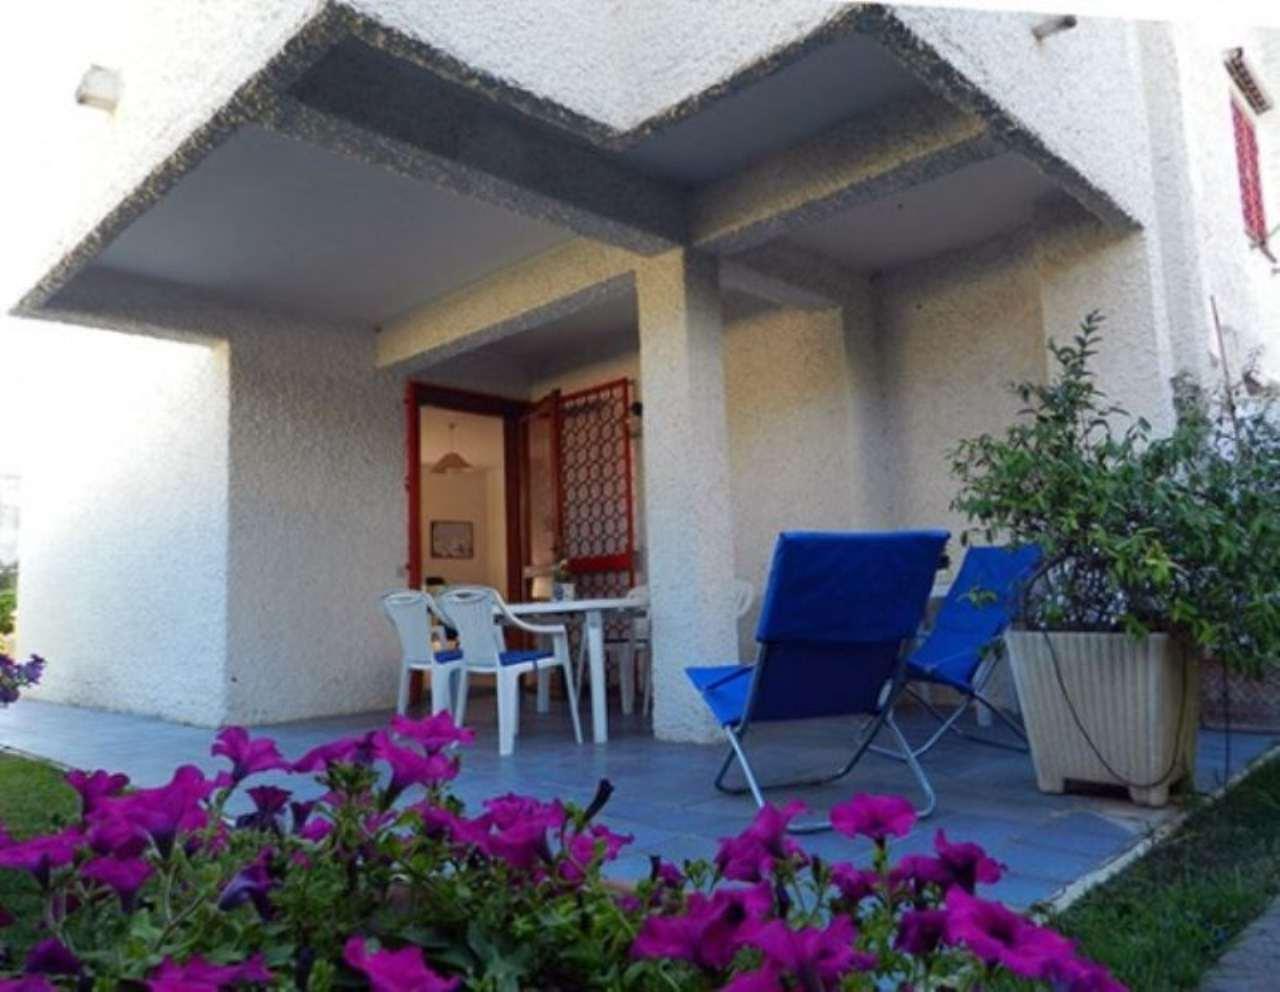 Casa santa marinella appartamenti e case in vendita for Case in vendita santa marinella